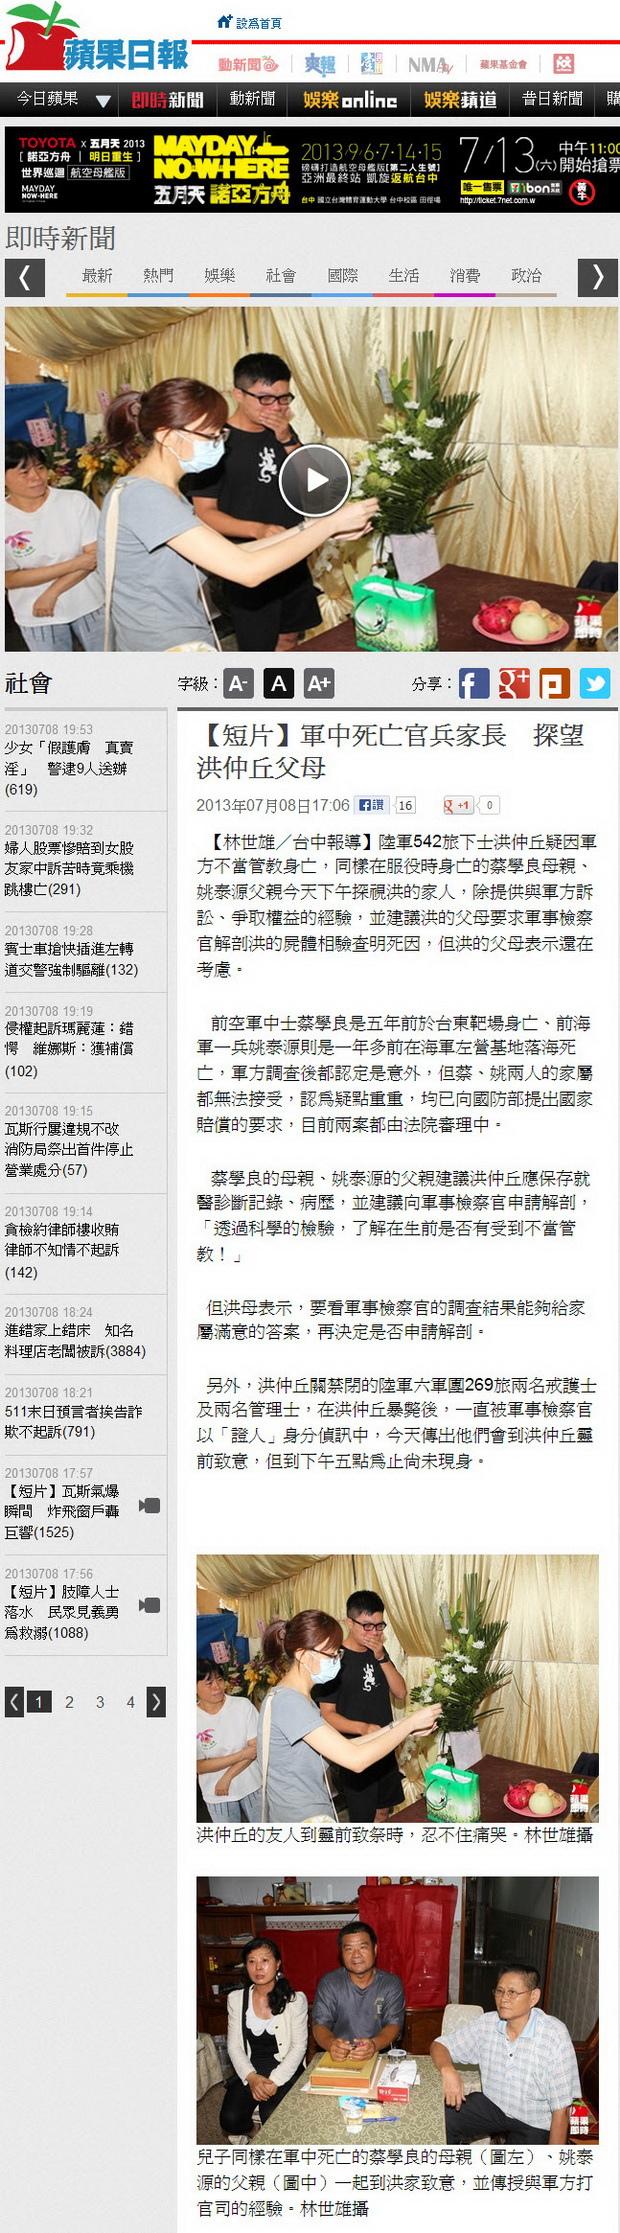 軍中死亡官兵家長 探望洪仲丘父母-2013.07.08.jpg